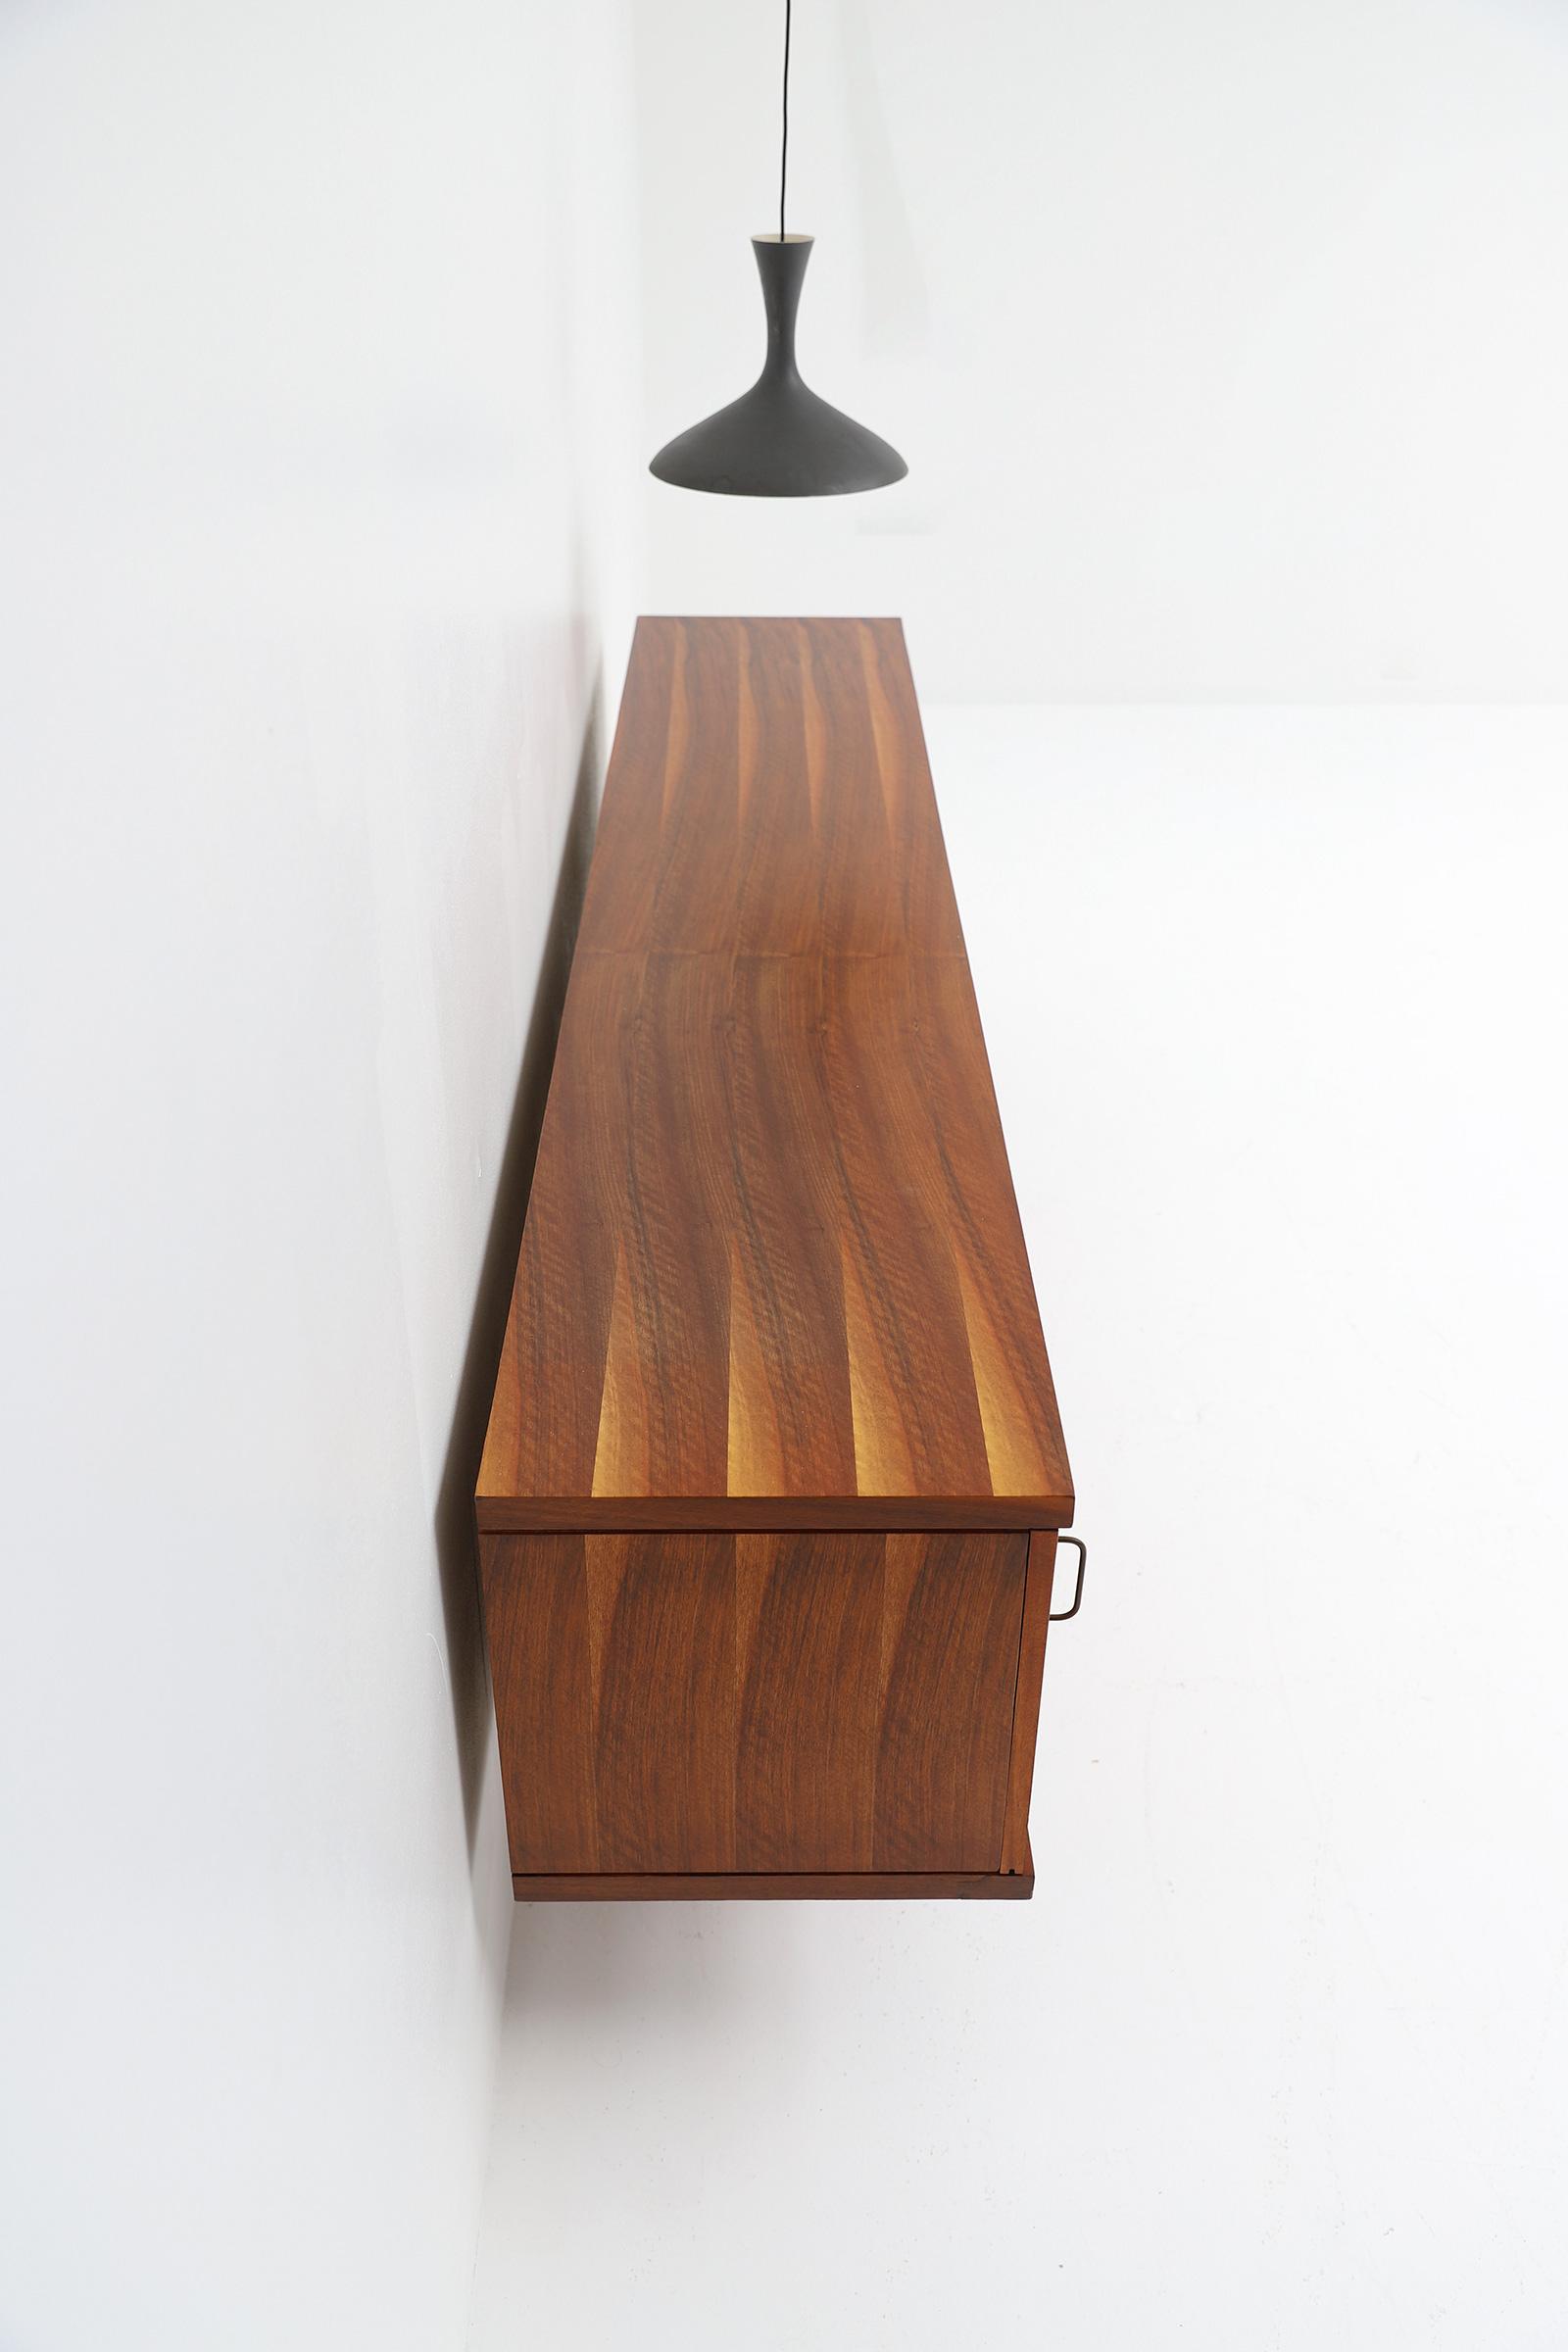 Luxus Sideboard by Jos De Mey 1950simage 14